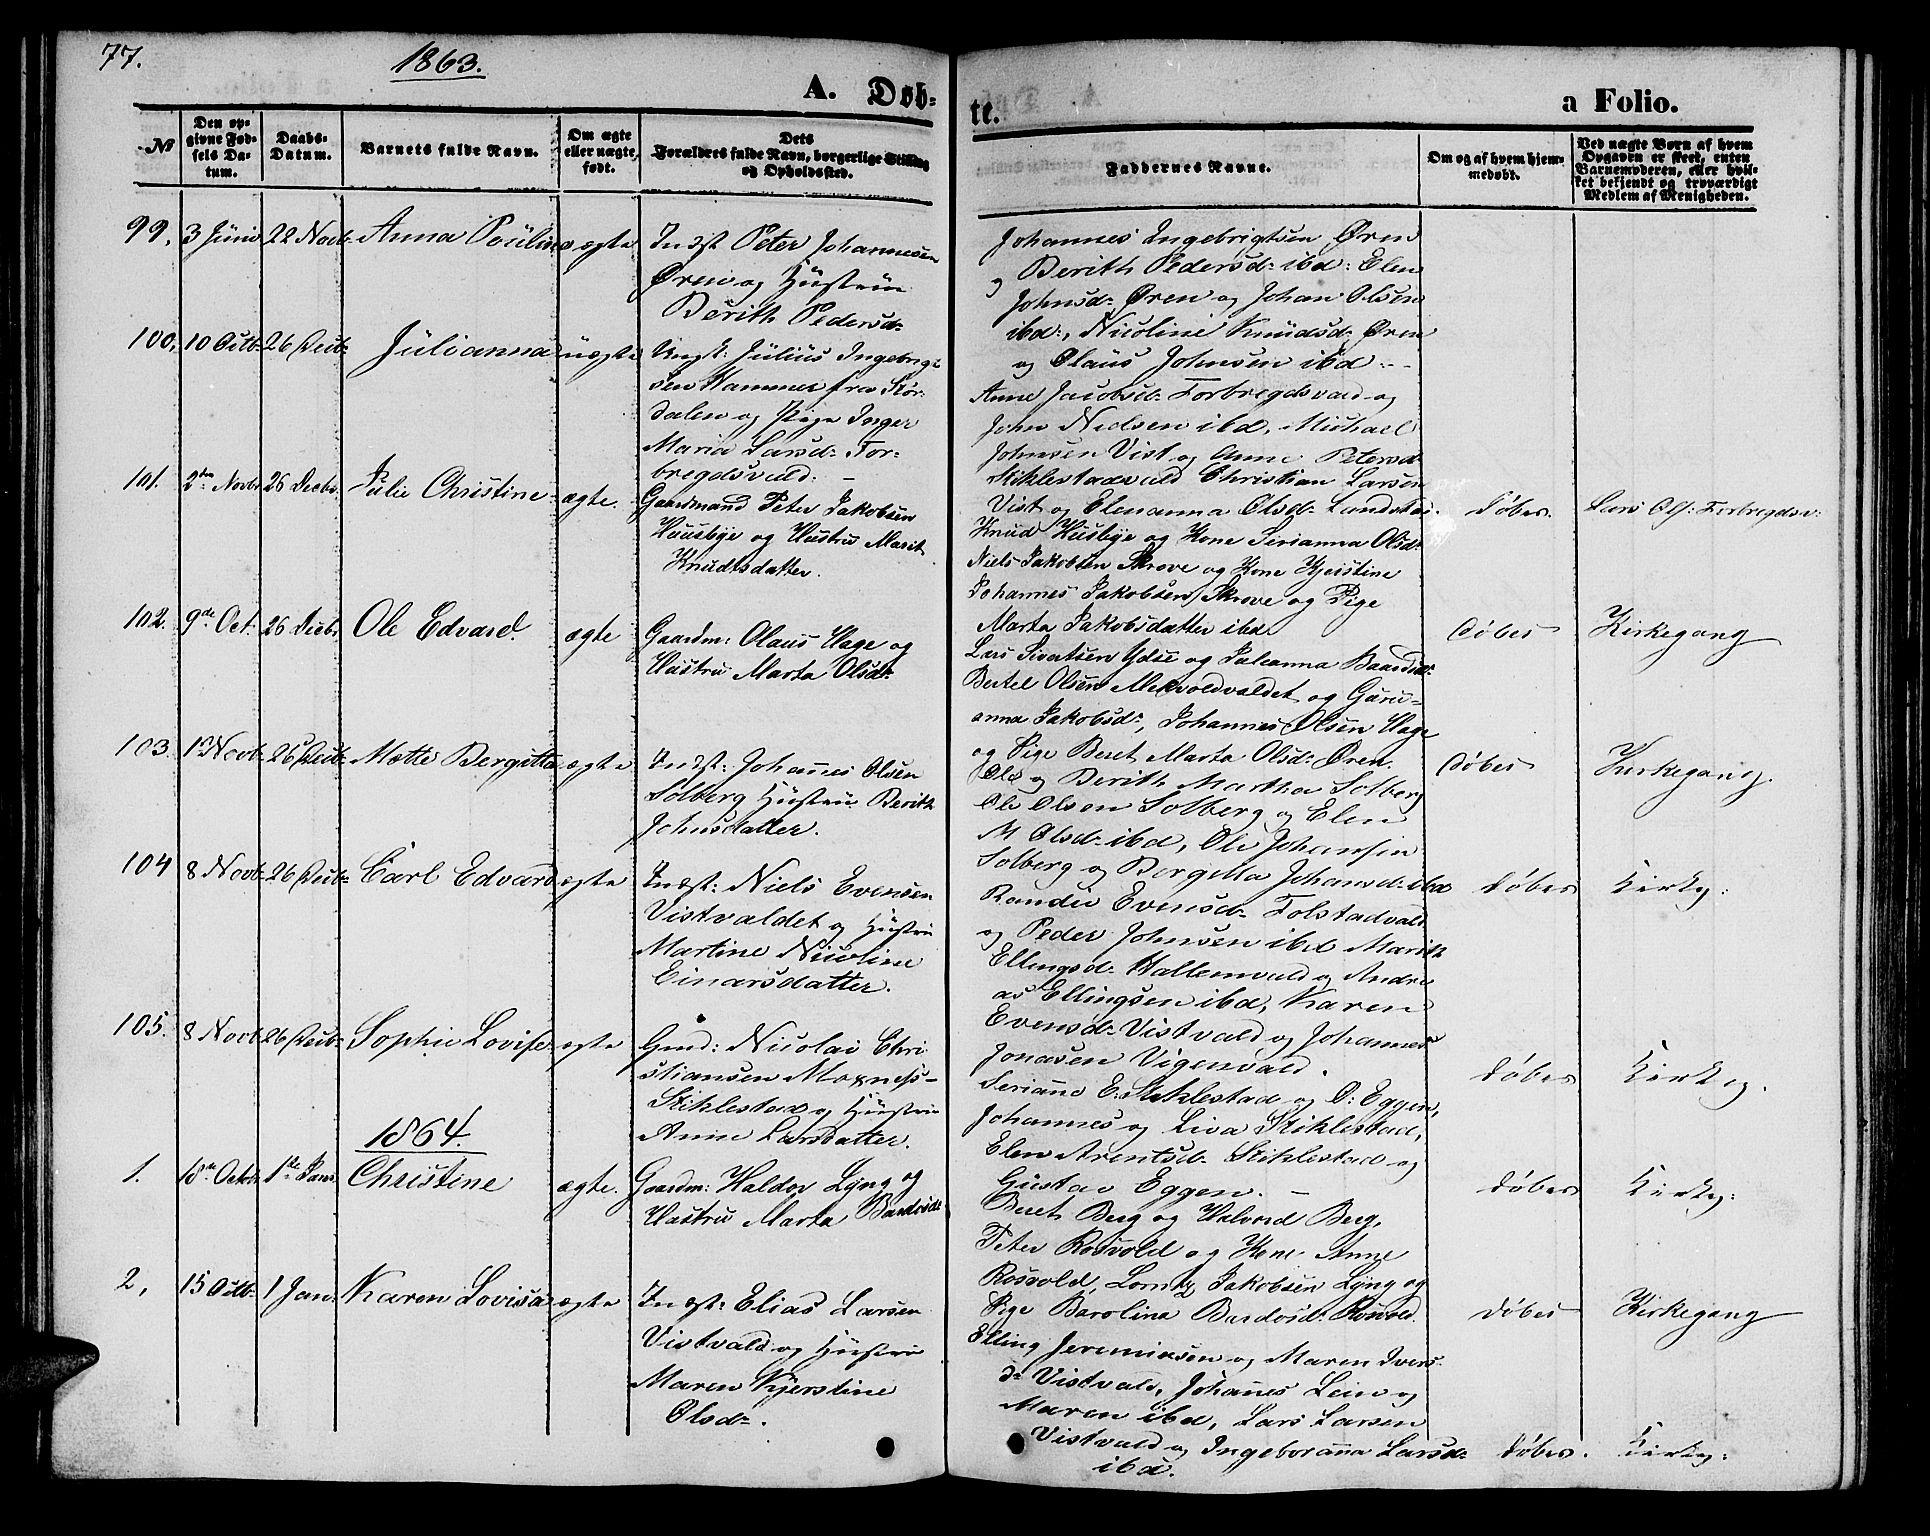 SAT, Ministerialprotokoller, klokkerbøker og fødselsregistre - Nord-Trøndelag, 723/L0254: Klokkerbok nr. 723C02, 1858-1868, s. 77